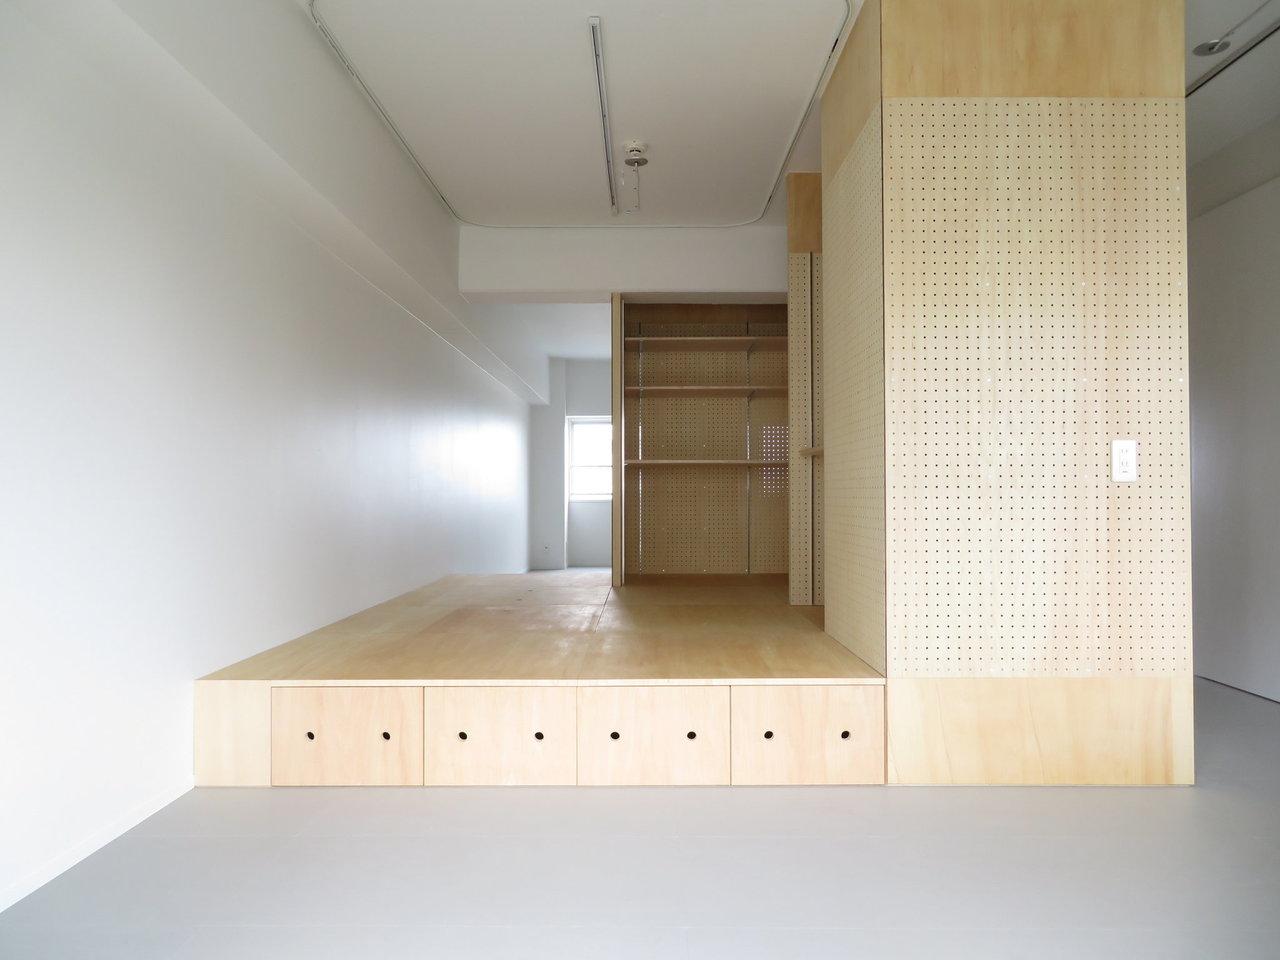 部屋の真ん中に「シマ」があります。有孔ボードやベニヤで作られた小上がりのようなスペースで、使い方は住む人次第。家族だんらんスペースにしてもよし、寝室にしてもよし。壁は物入を想定しています。